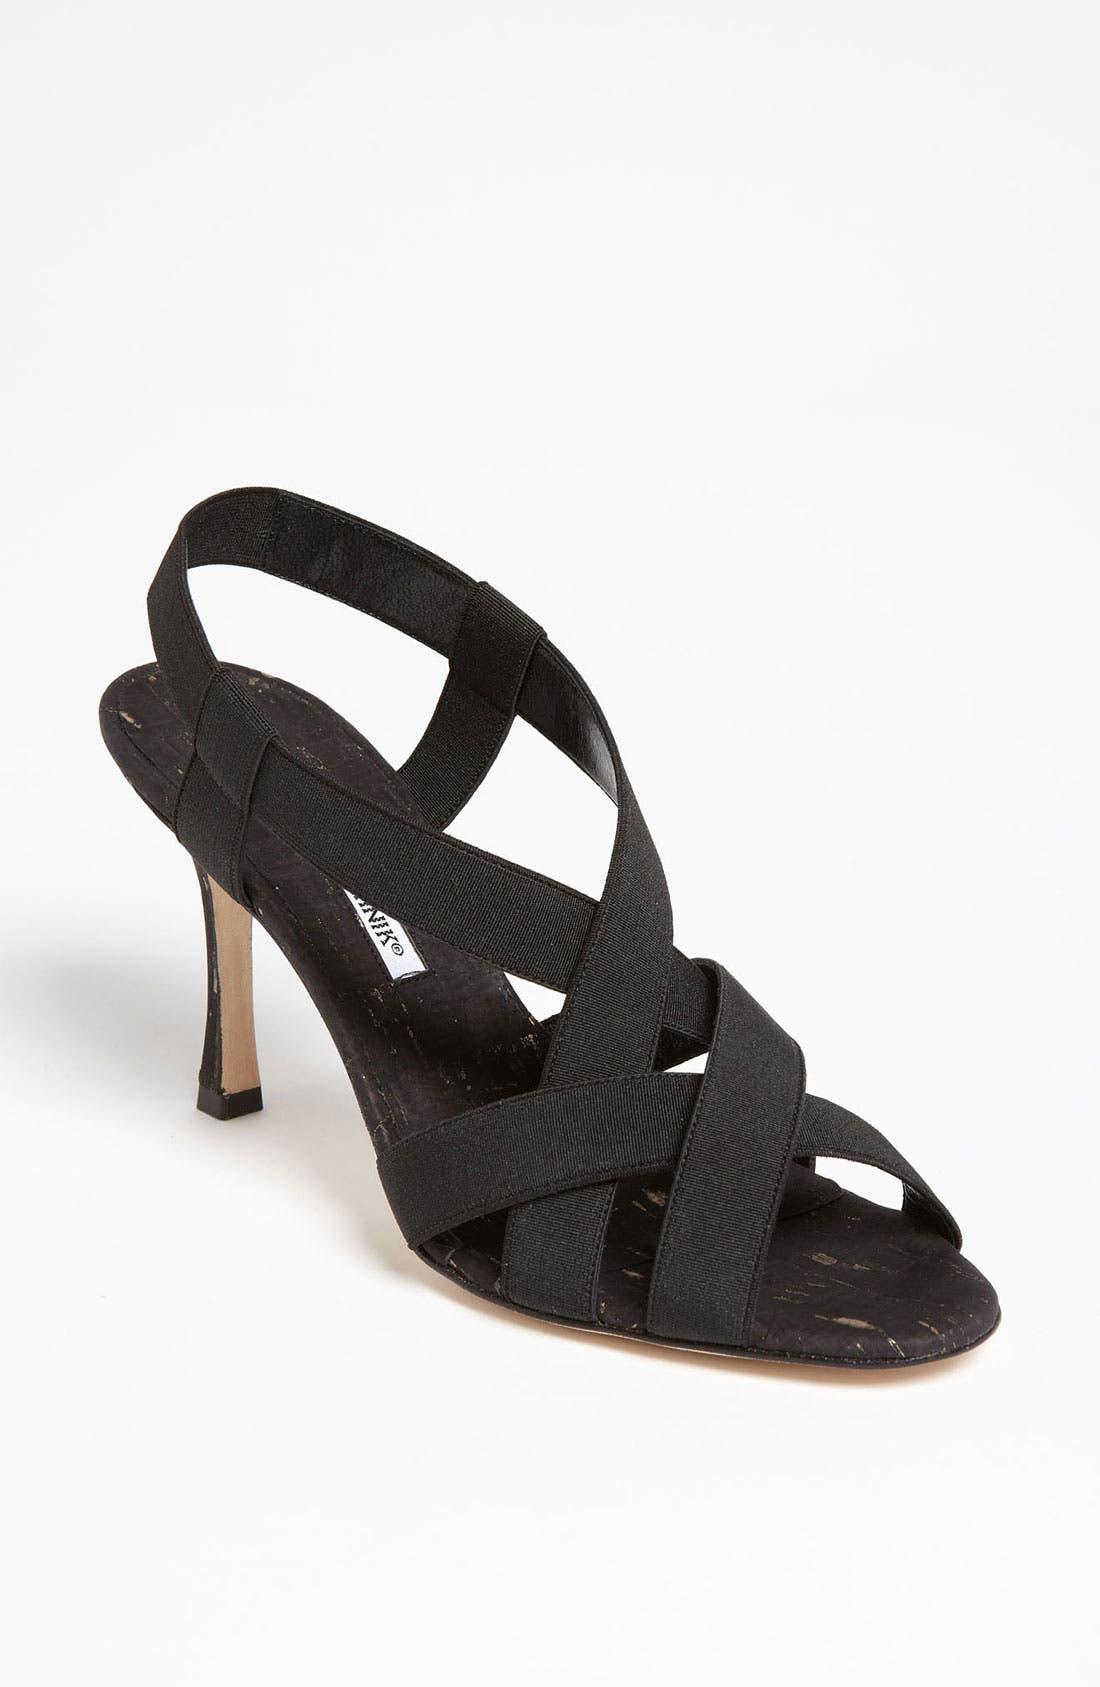 Alternate Image 1 Selected - Manolo Blahnik 'Lasti' Sandal